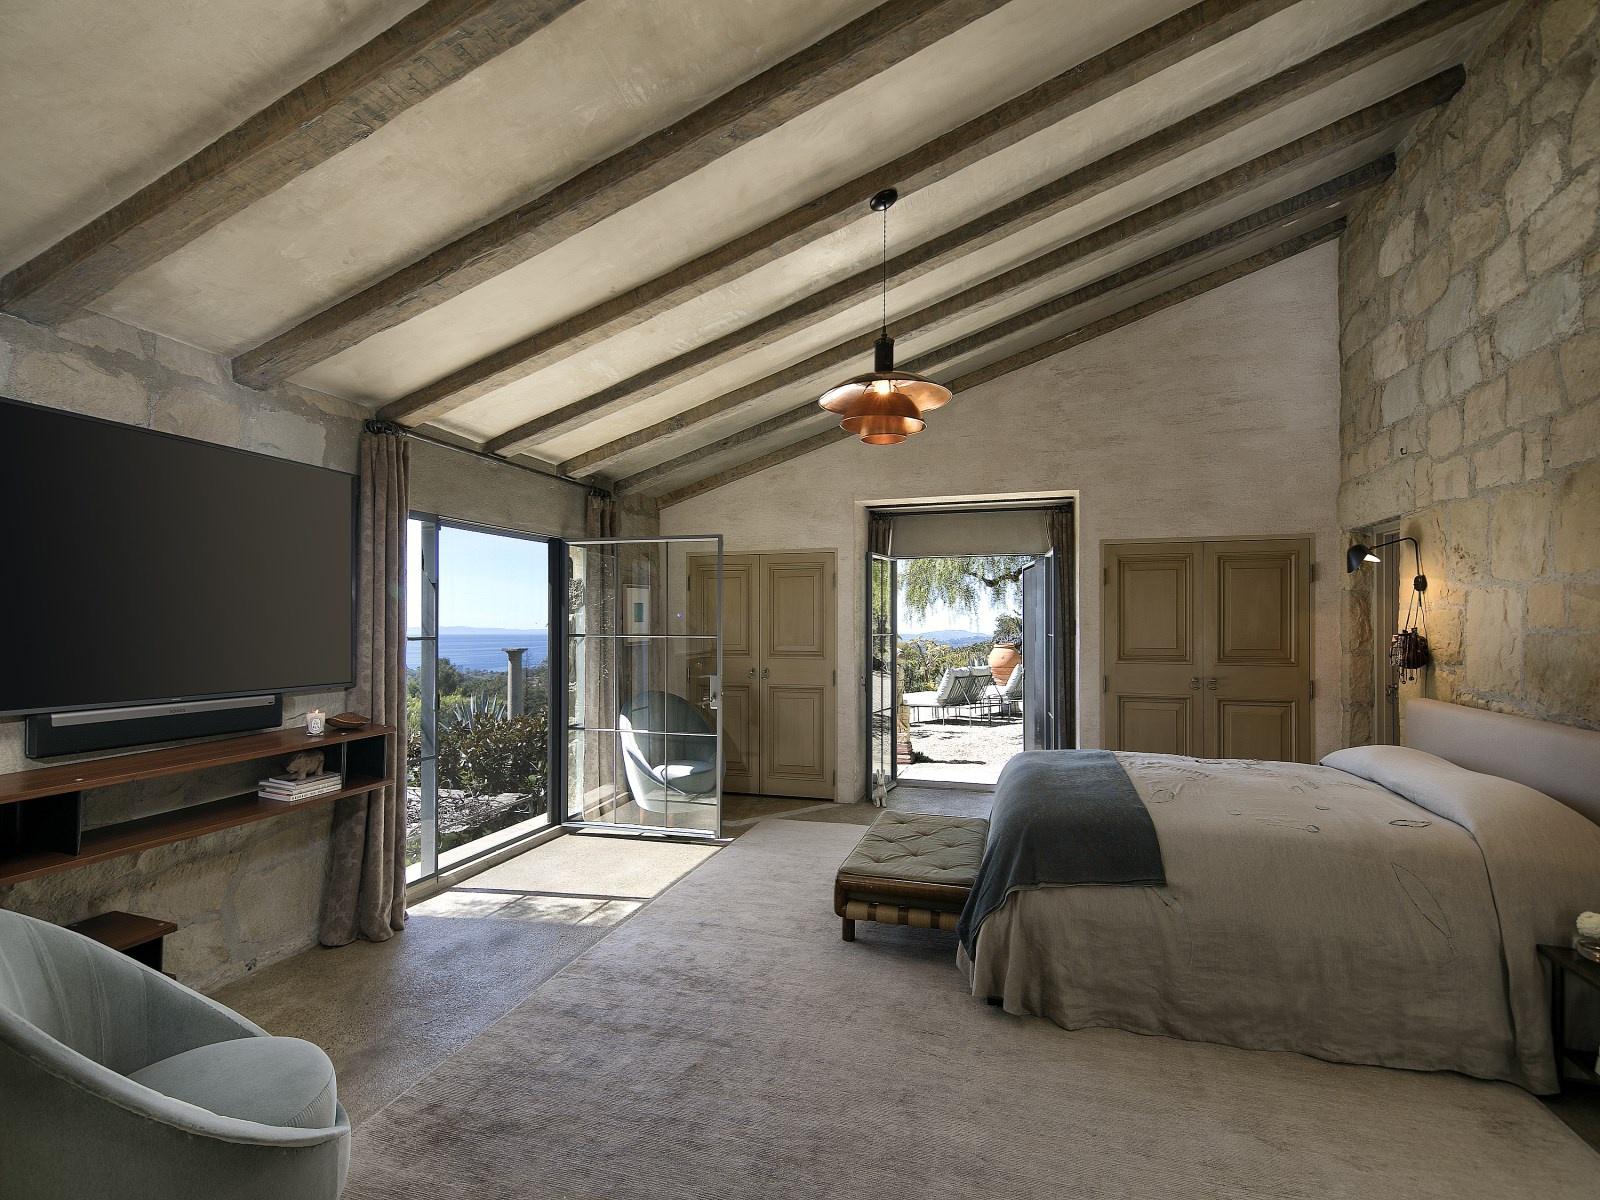 Slaapkamers in Italiaanse rustieke landelijke stijl